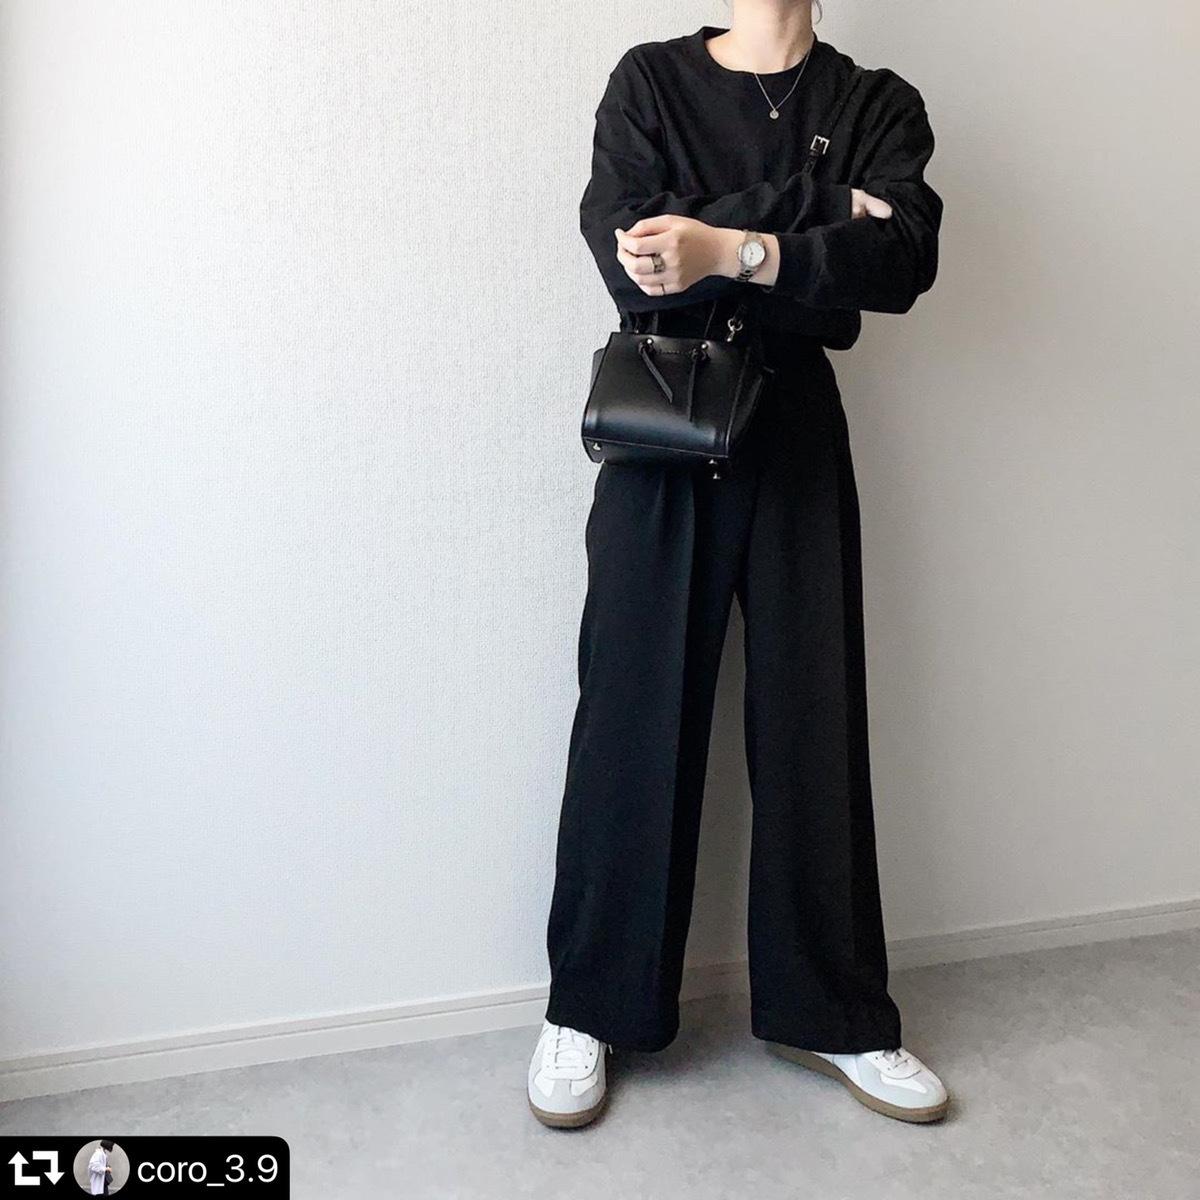 【送料無料】 きれいめシルエット♡ 大人カジュアル フェミニン ハイウエスト タック ストレート パンツ ワイドレッグ